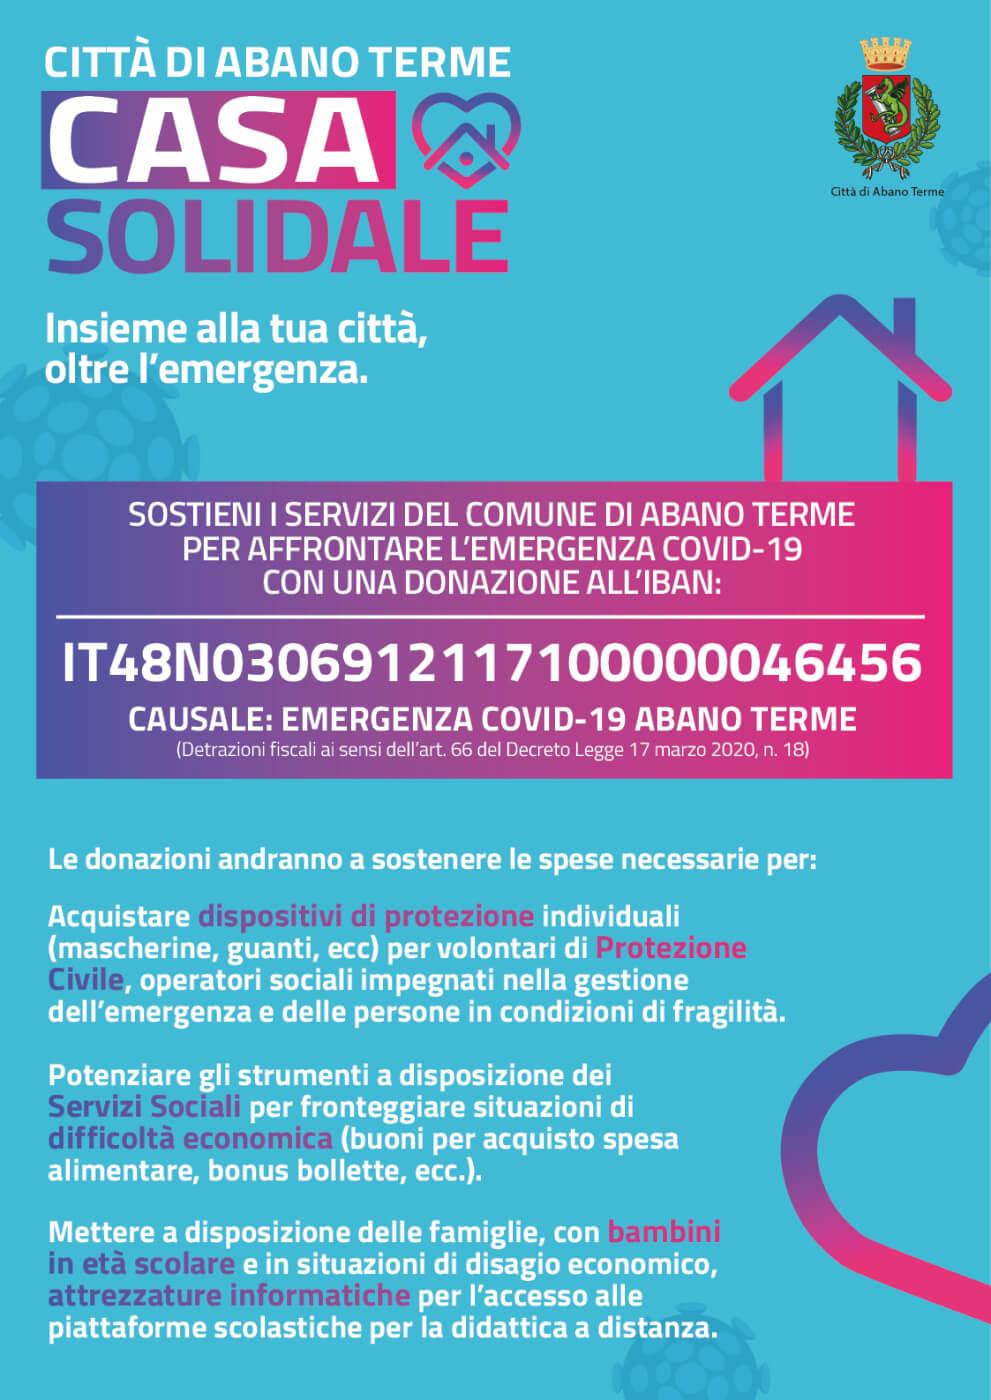 Casa Solidale, conto dedicato per donazioni